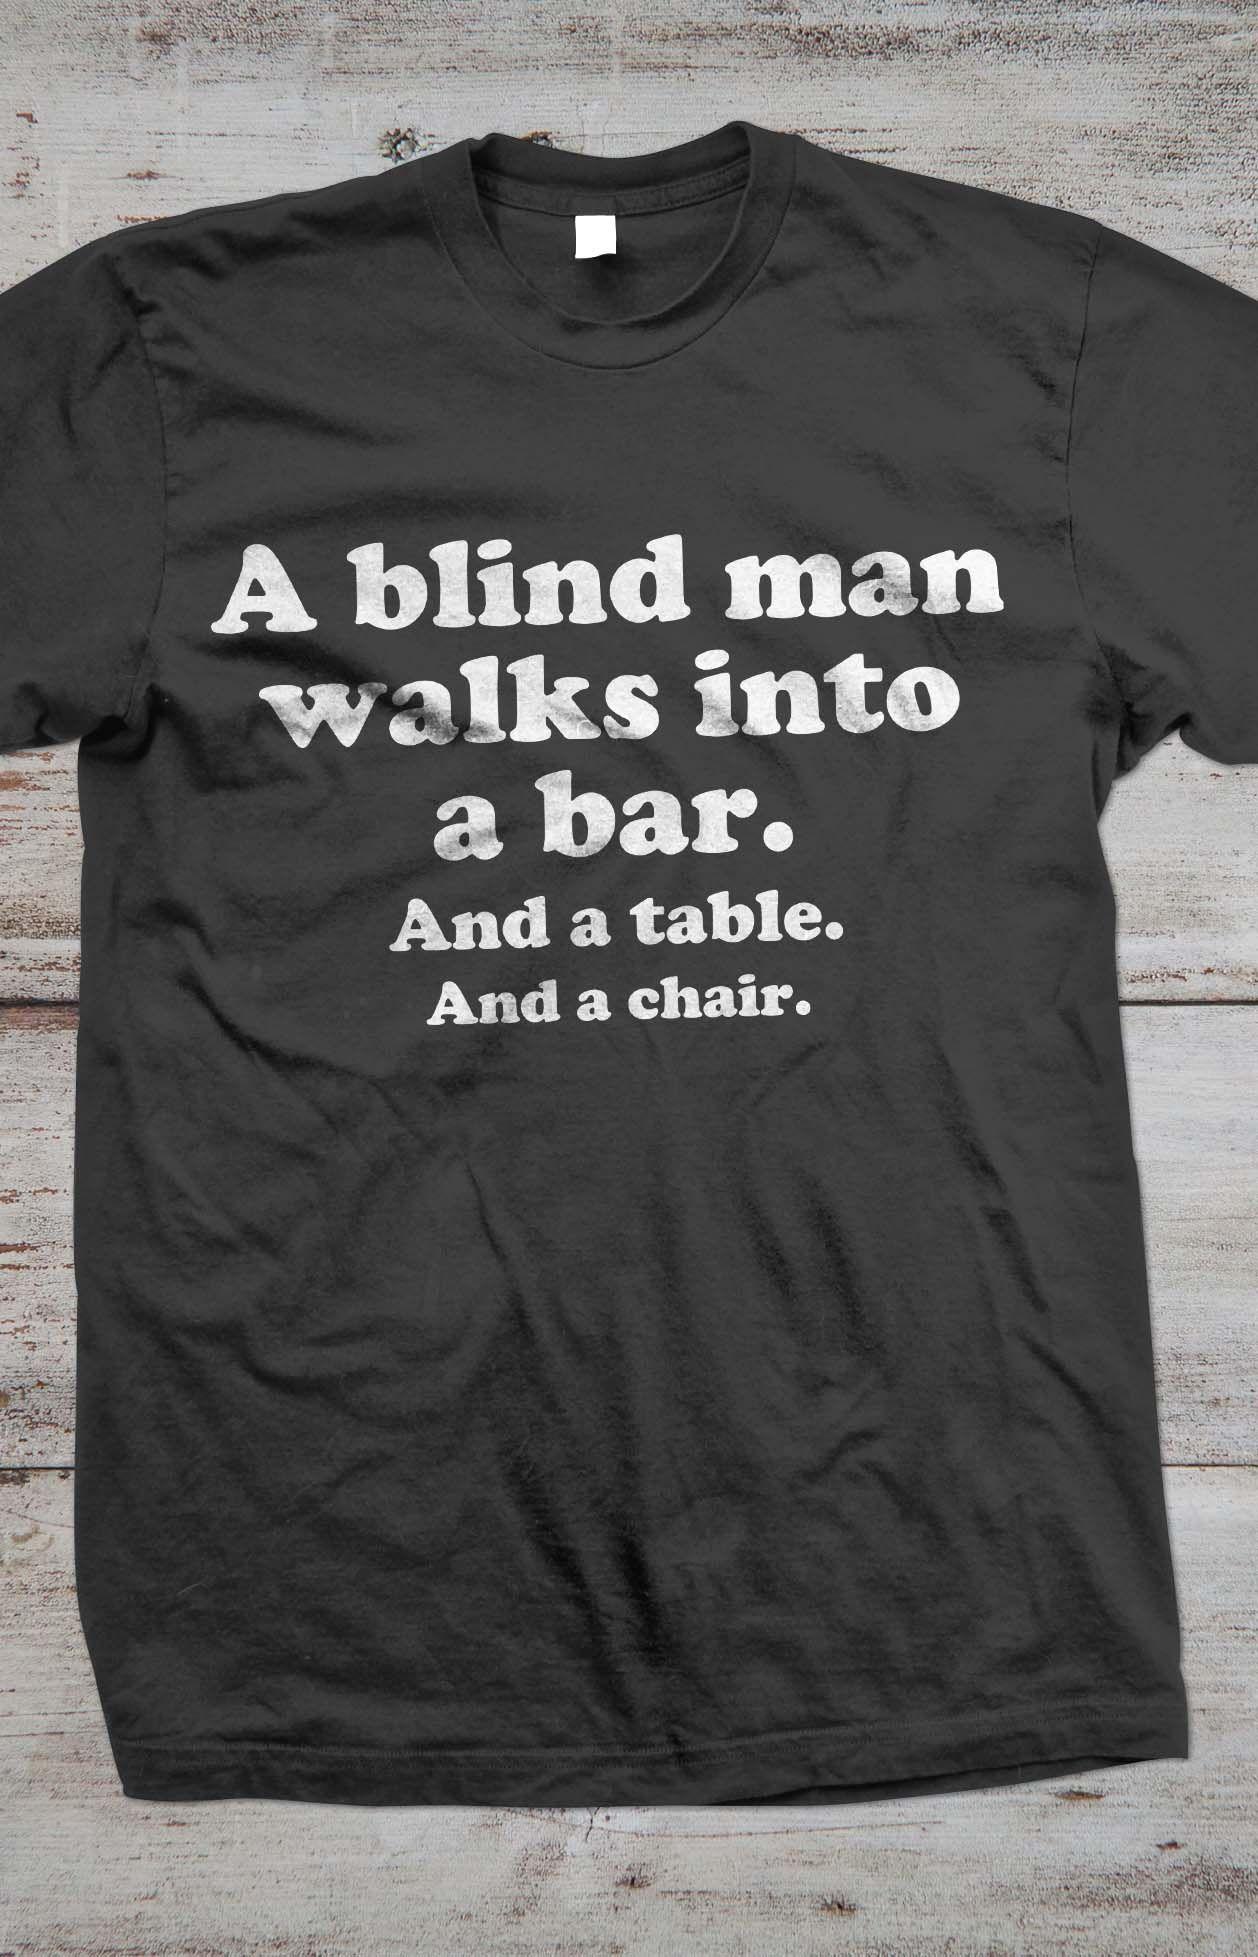 #funny #Joke #tshirt